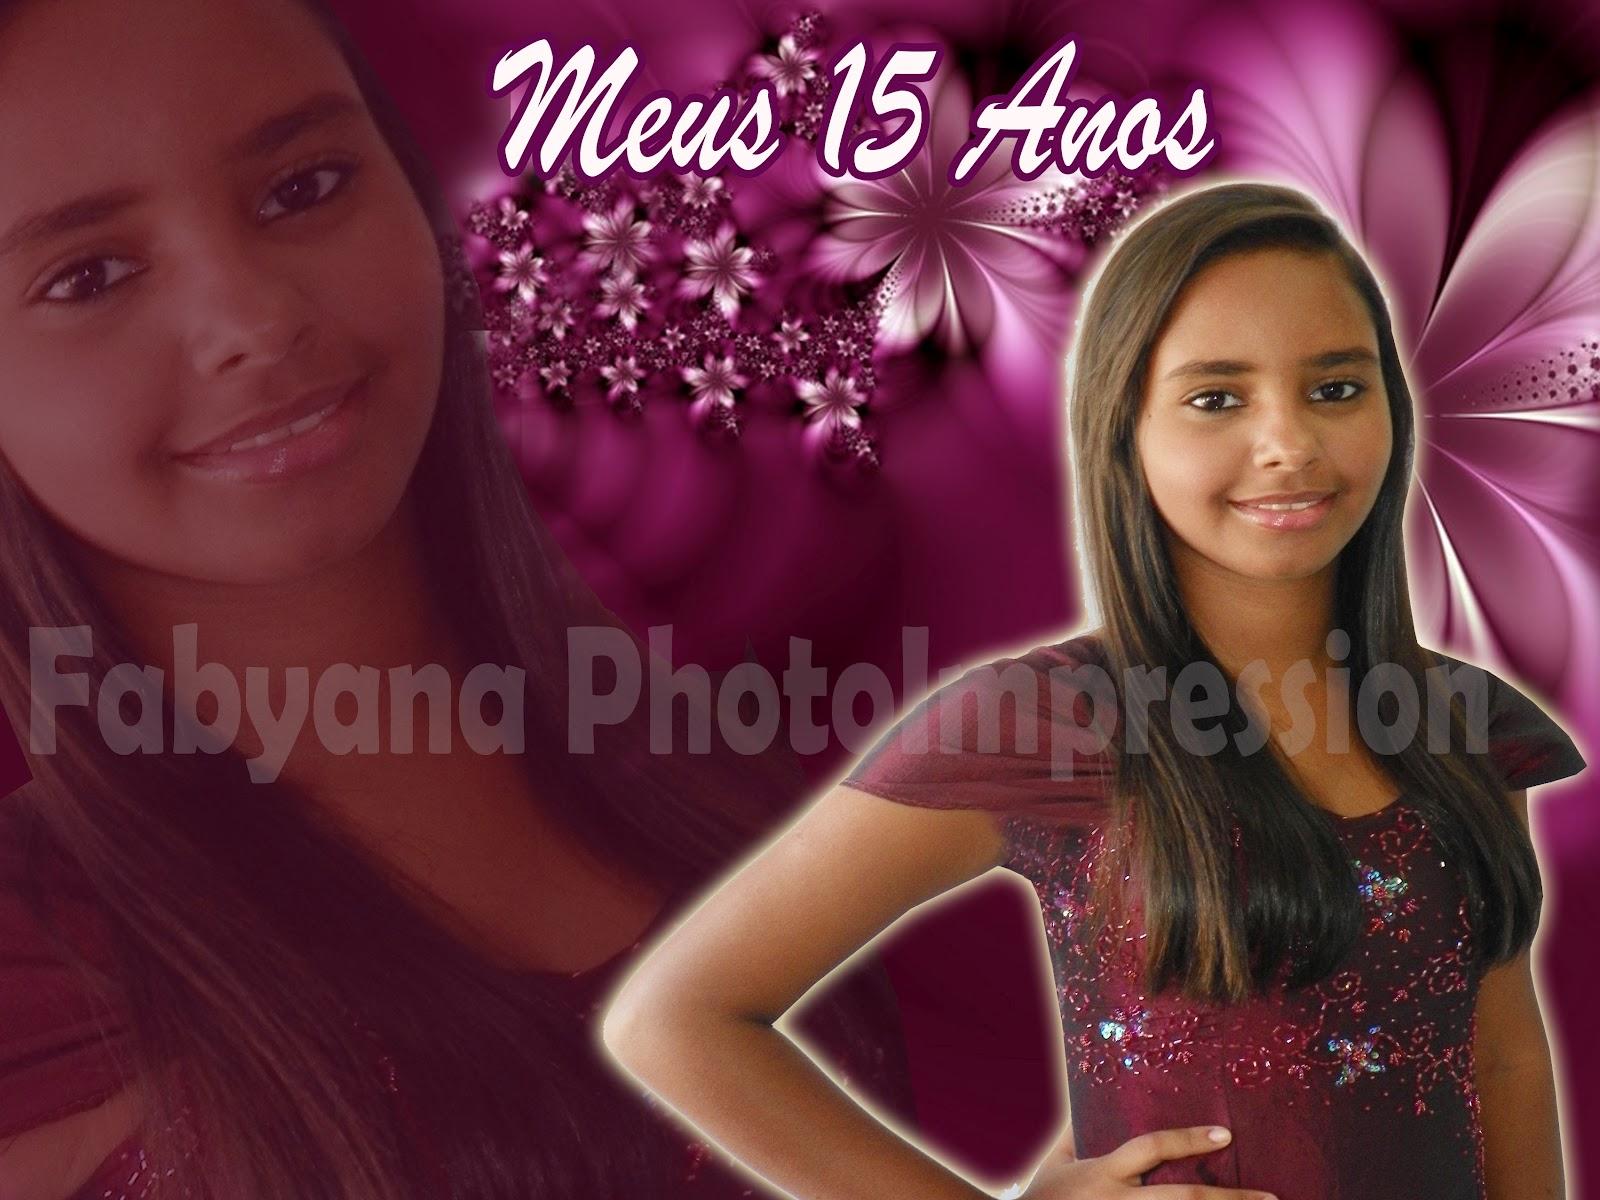 Fabiana Photo Impression Modelos De Banners De 15 Anos Meu